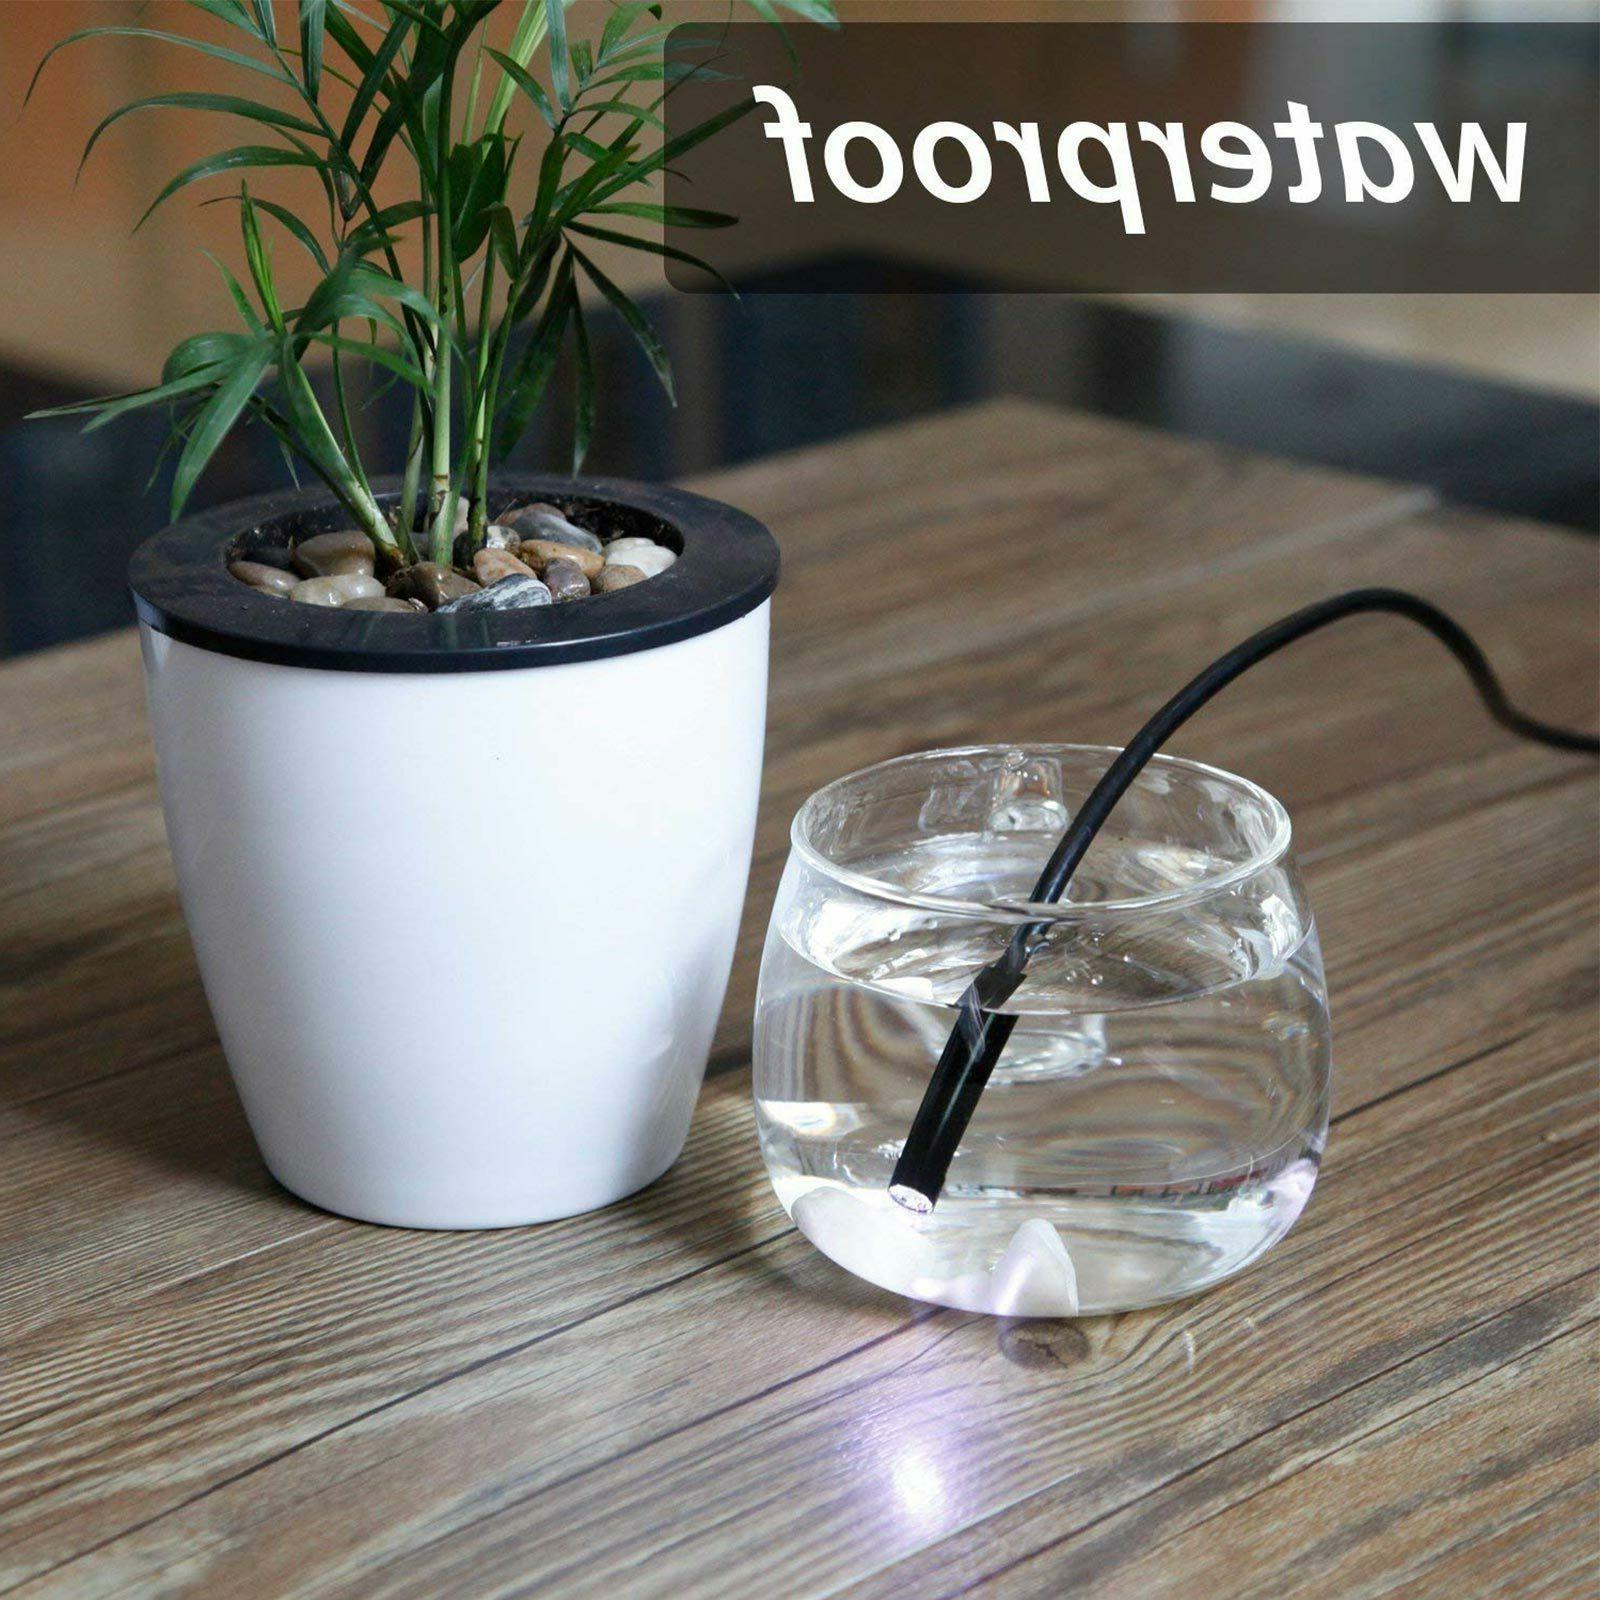 2 in 7.0 Inspection 6 Pcs Adjustable LED Lights